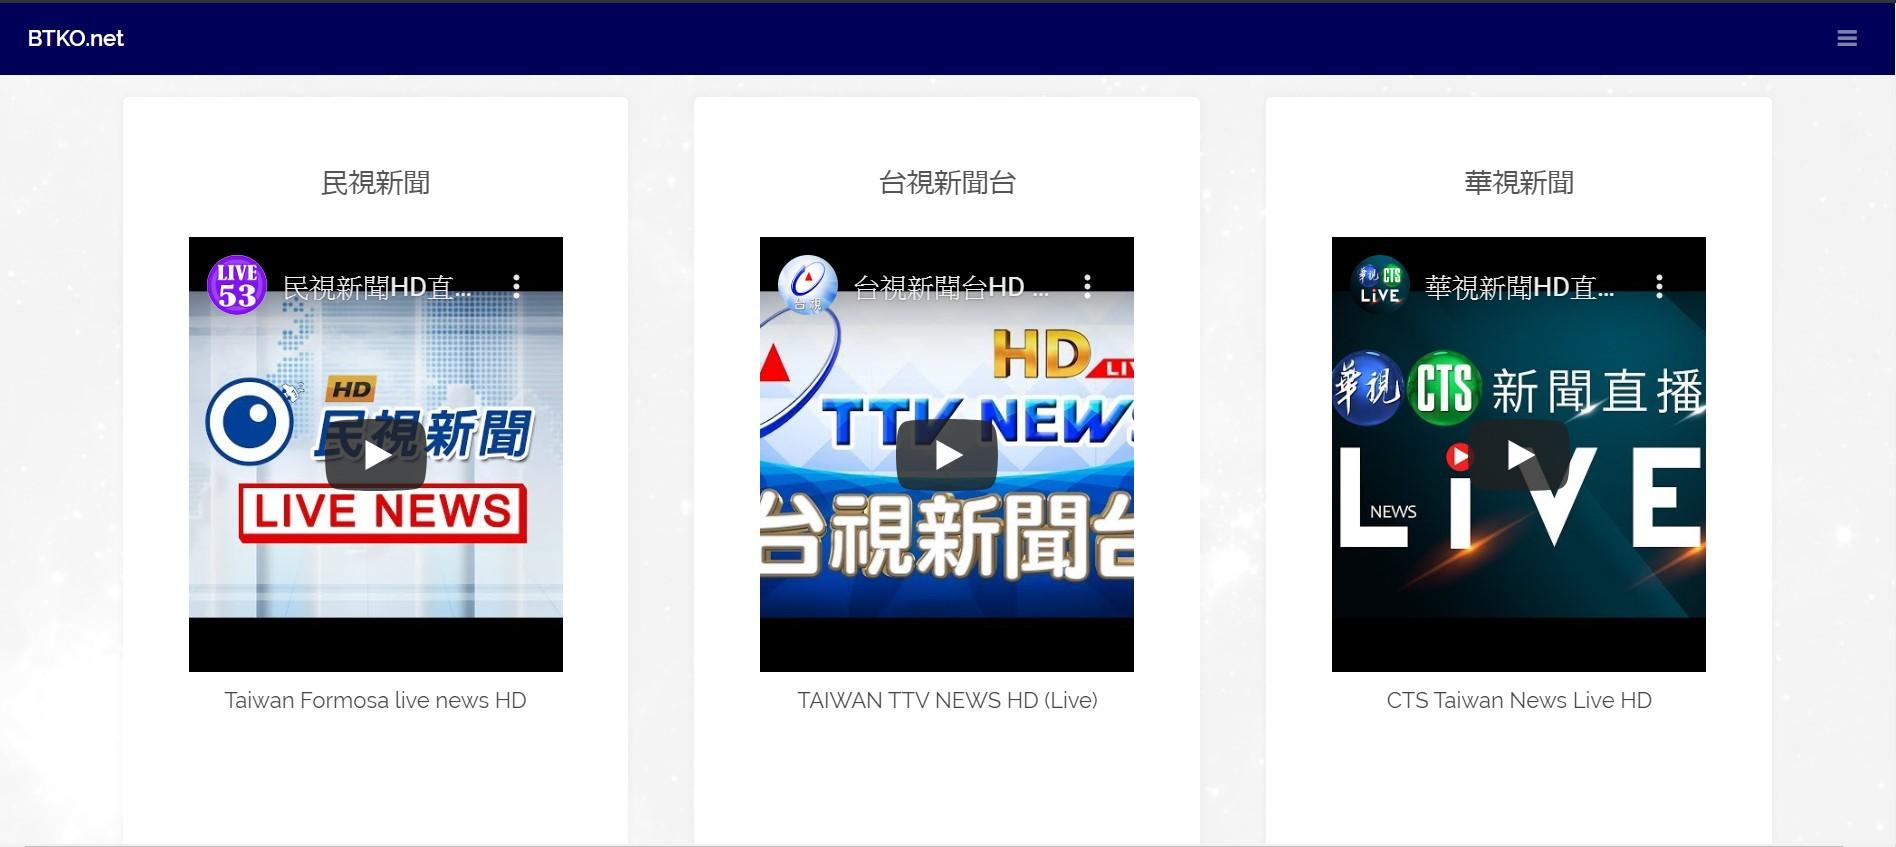 [直播] 台灣新聞頻道 (11台)